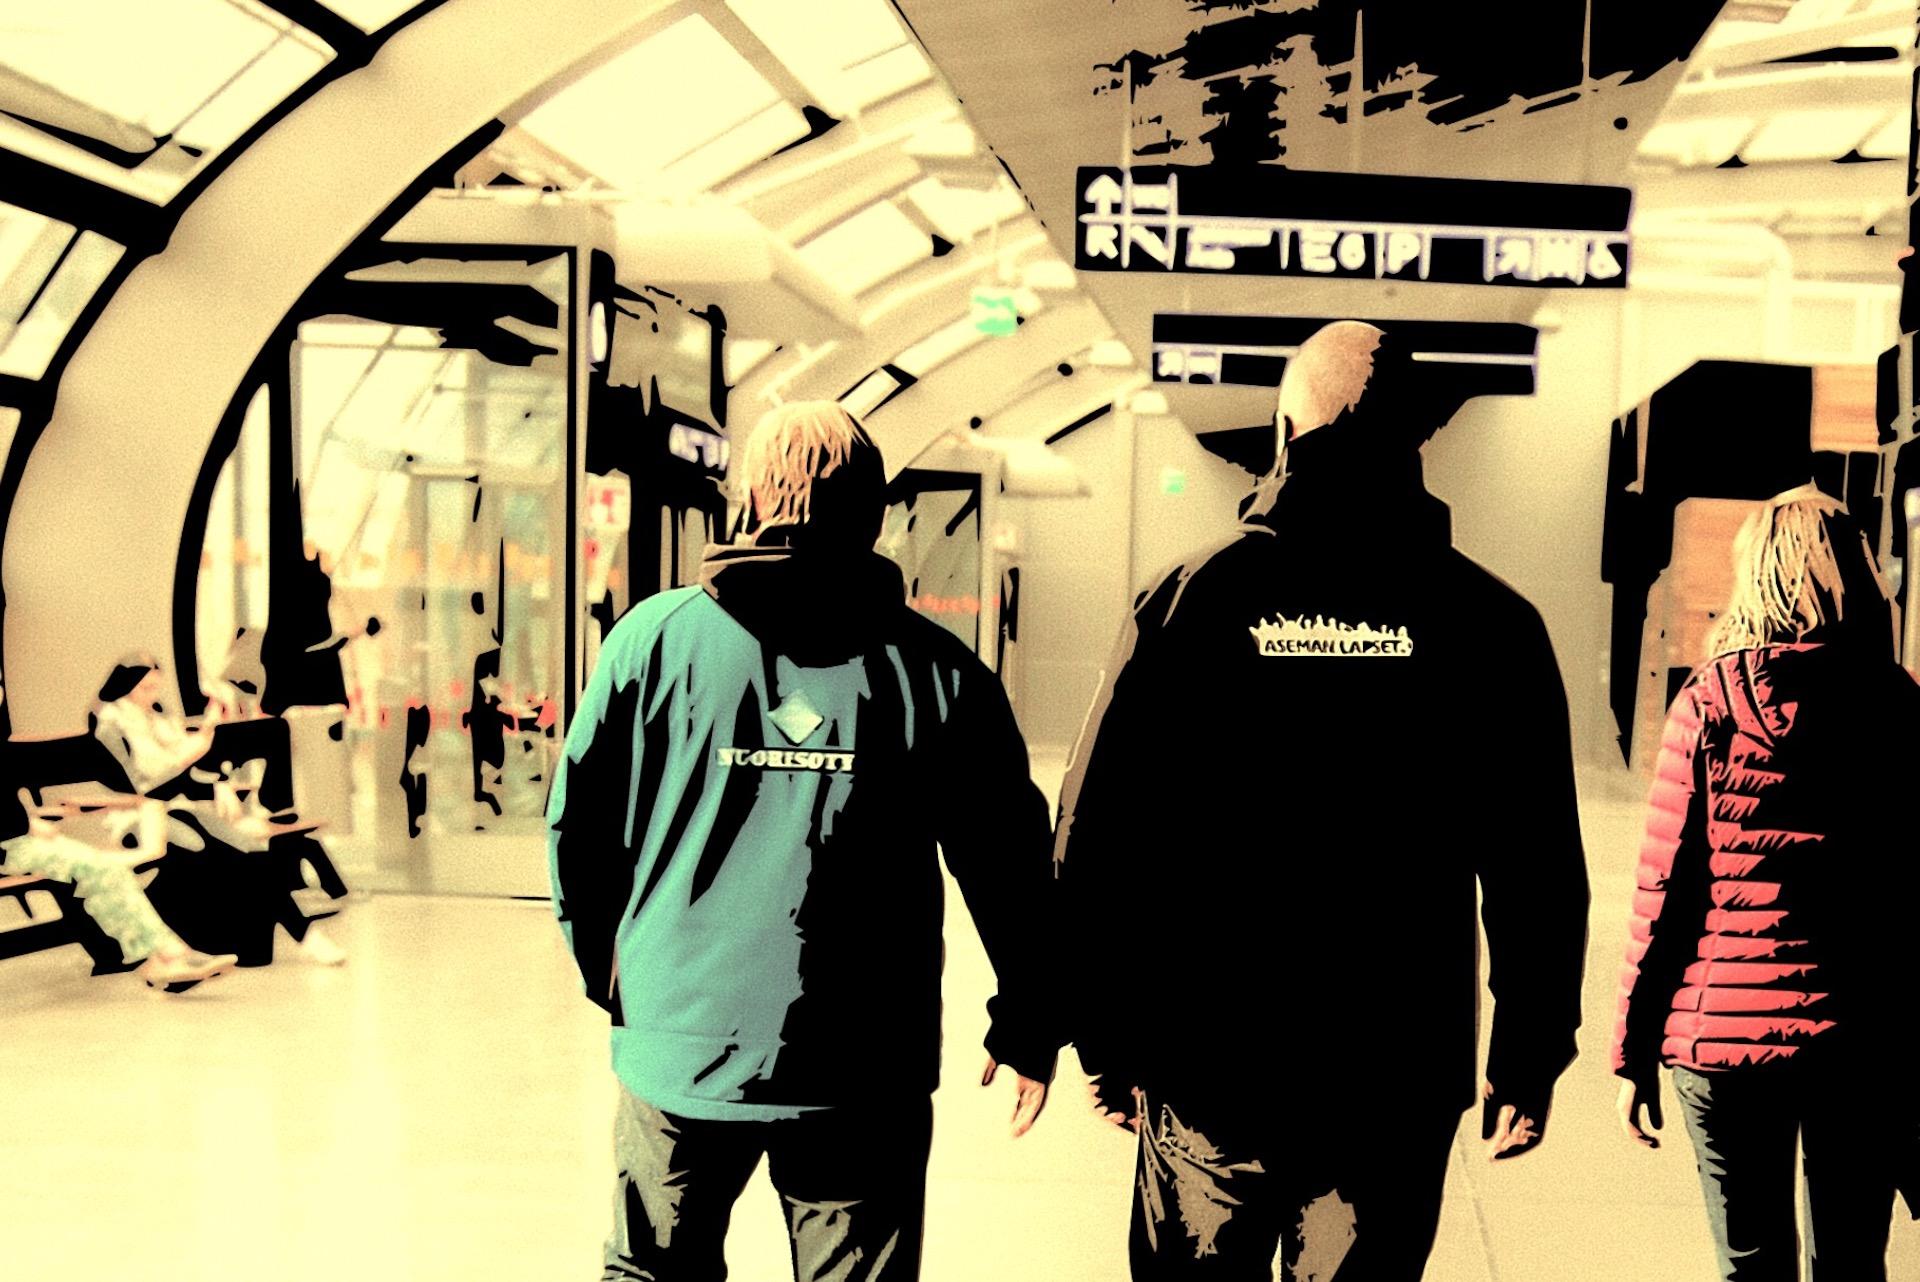 Kolme nuorisotyöntekijää kävelevät asemahallissa selkä katsojaan päin